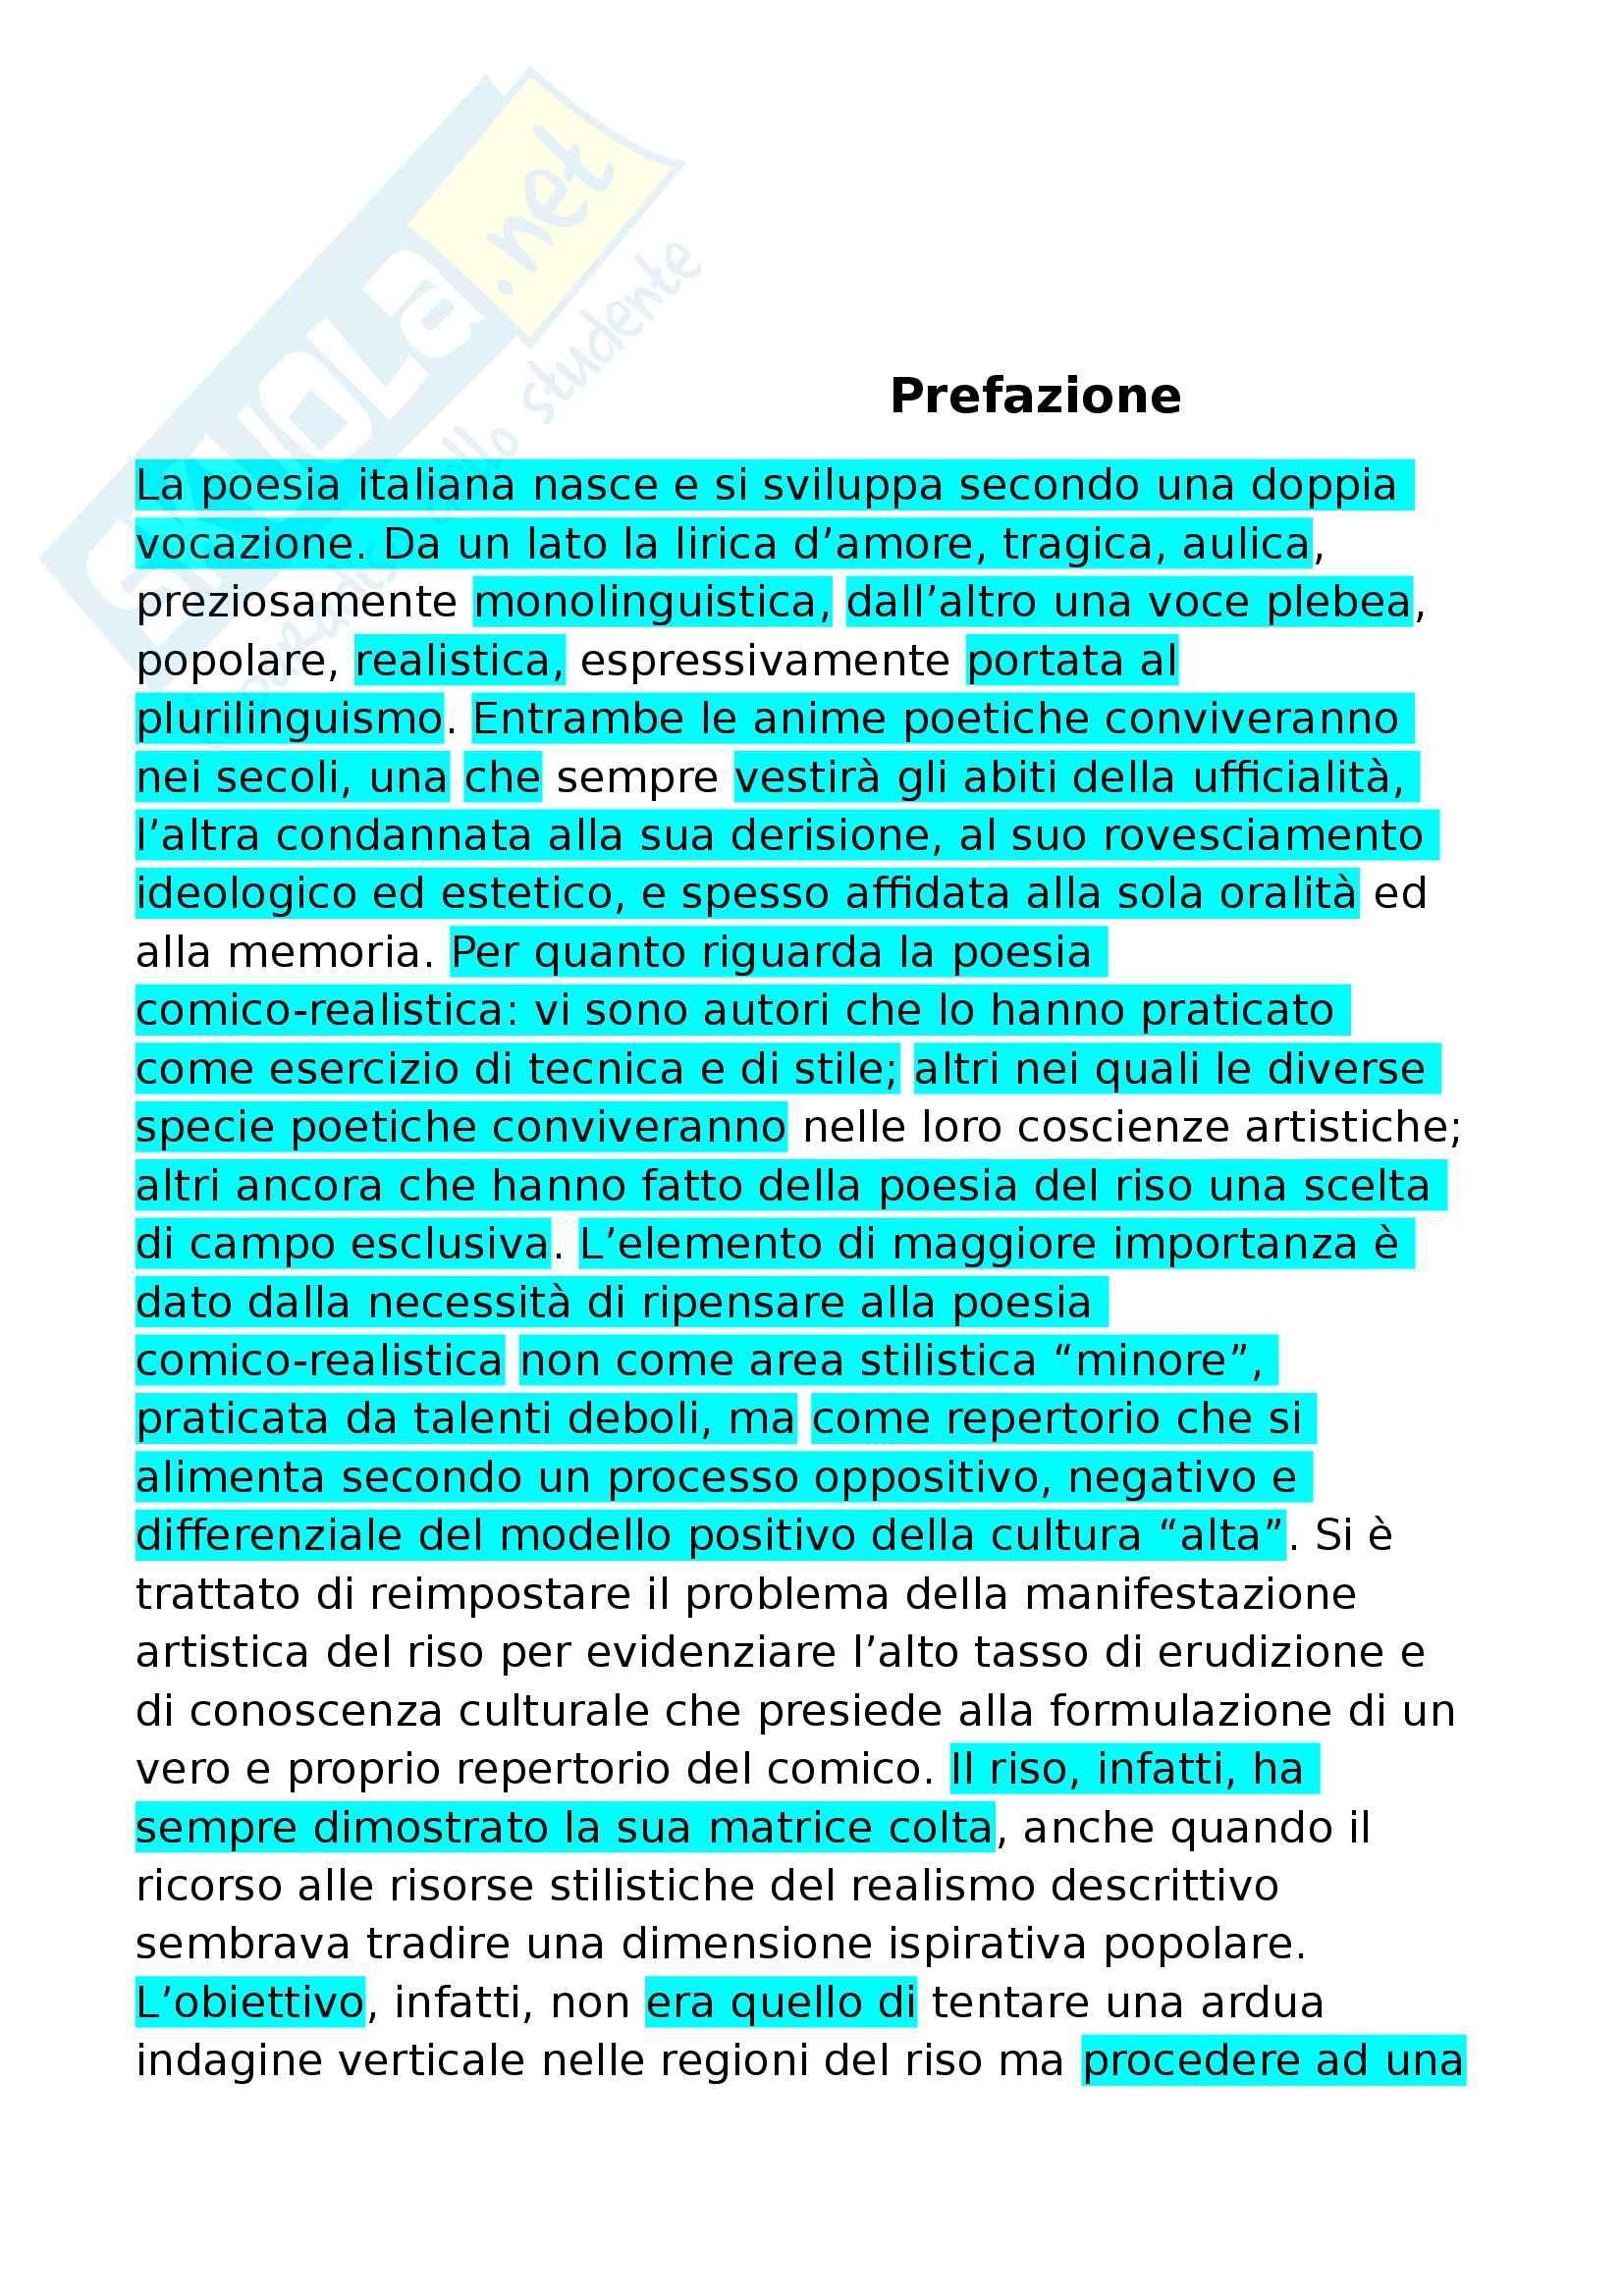 Riassunto esame Letteratura Italiana, prof. Villoresi, libro consigliato La poesia comico realistica, Orvieto, Brestolini